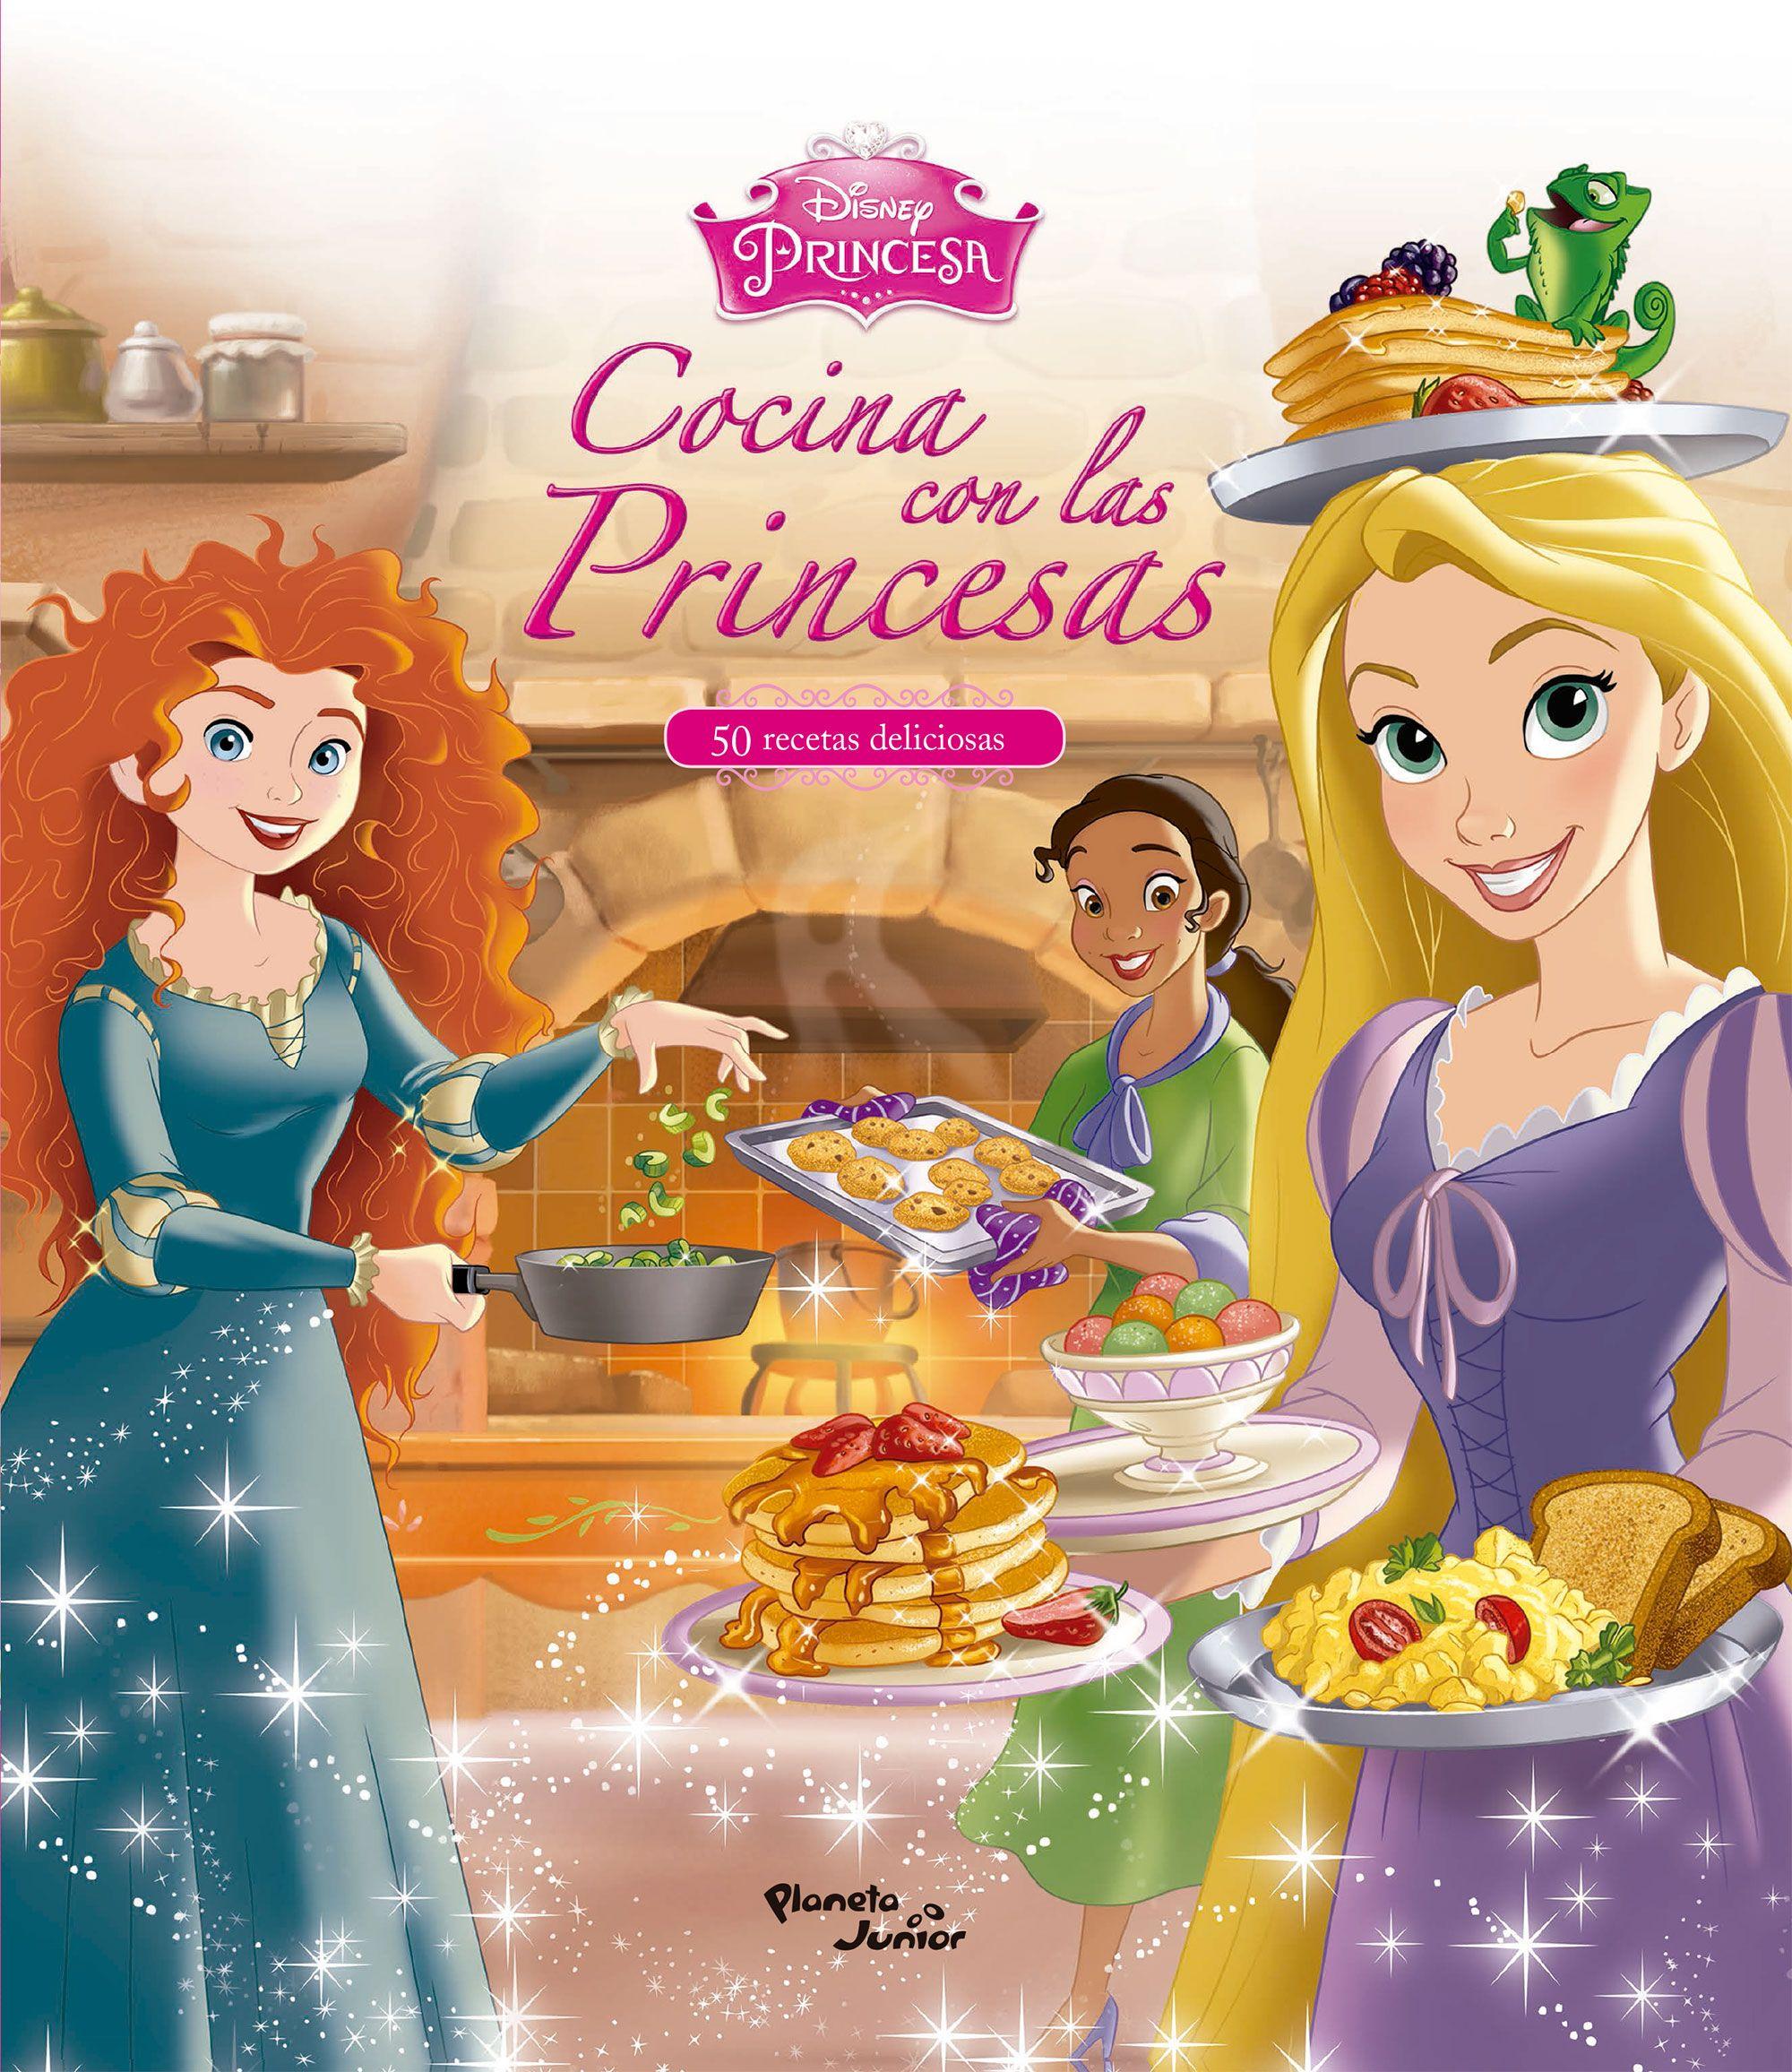 Cocina con las Princesas - Disney - Planeta Junior